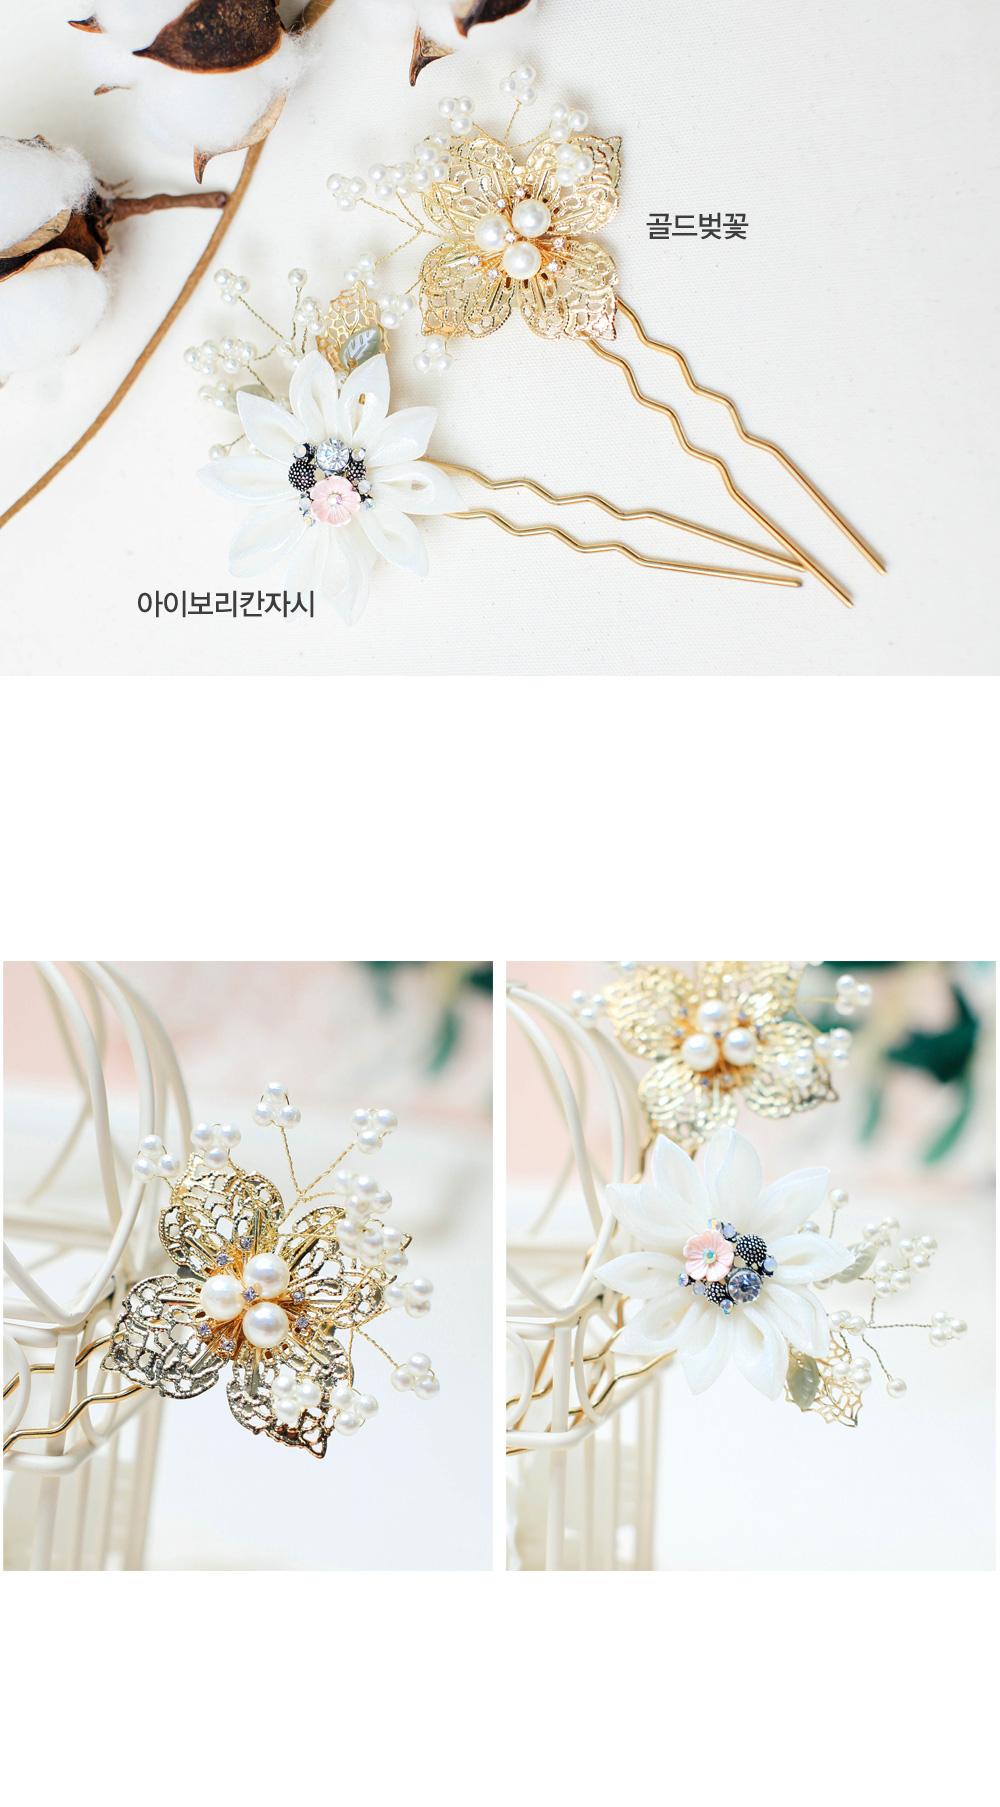 아름다운 비녀 (DIY-DS143) - 엔소엔, 4,000원, 리본공예, 리본공예 패키지